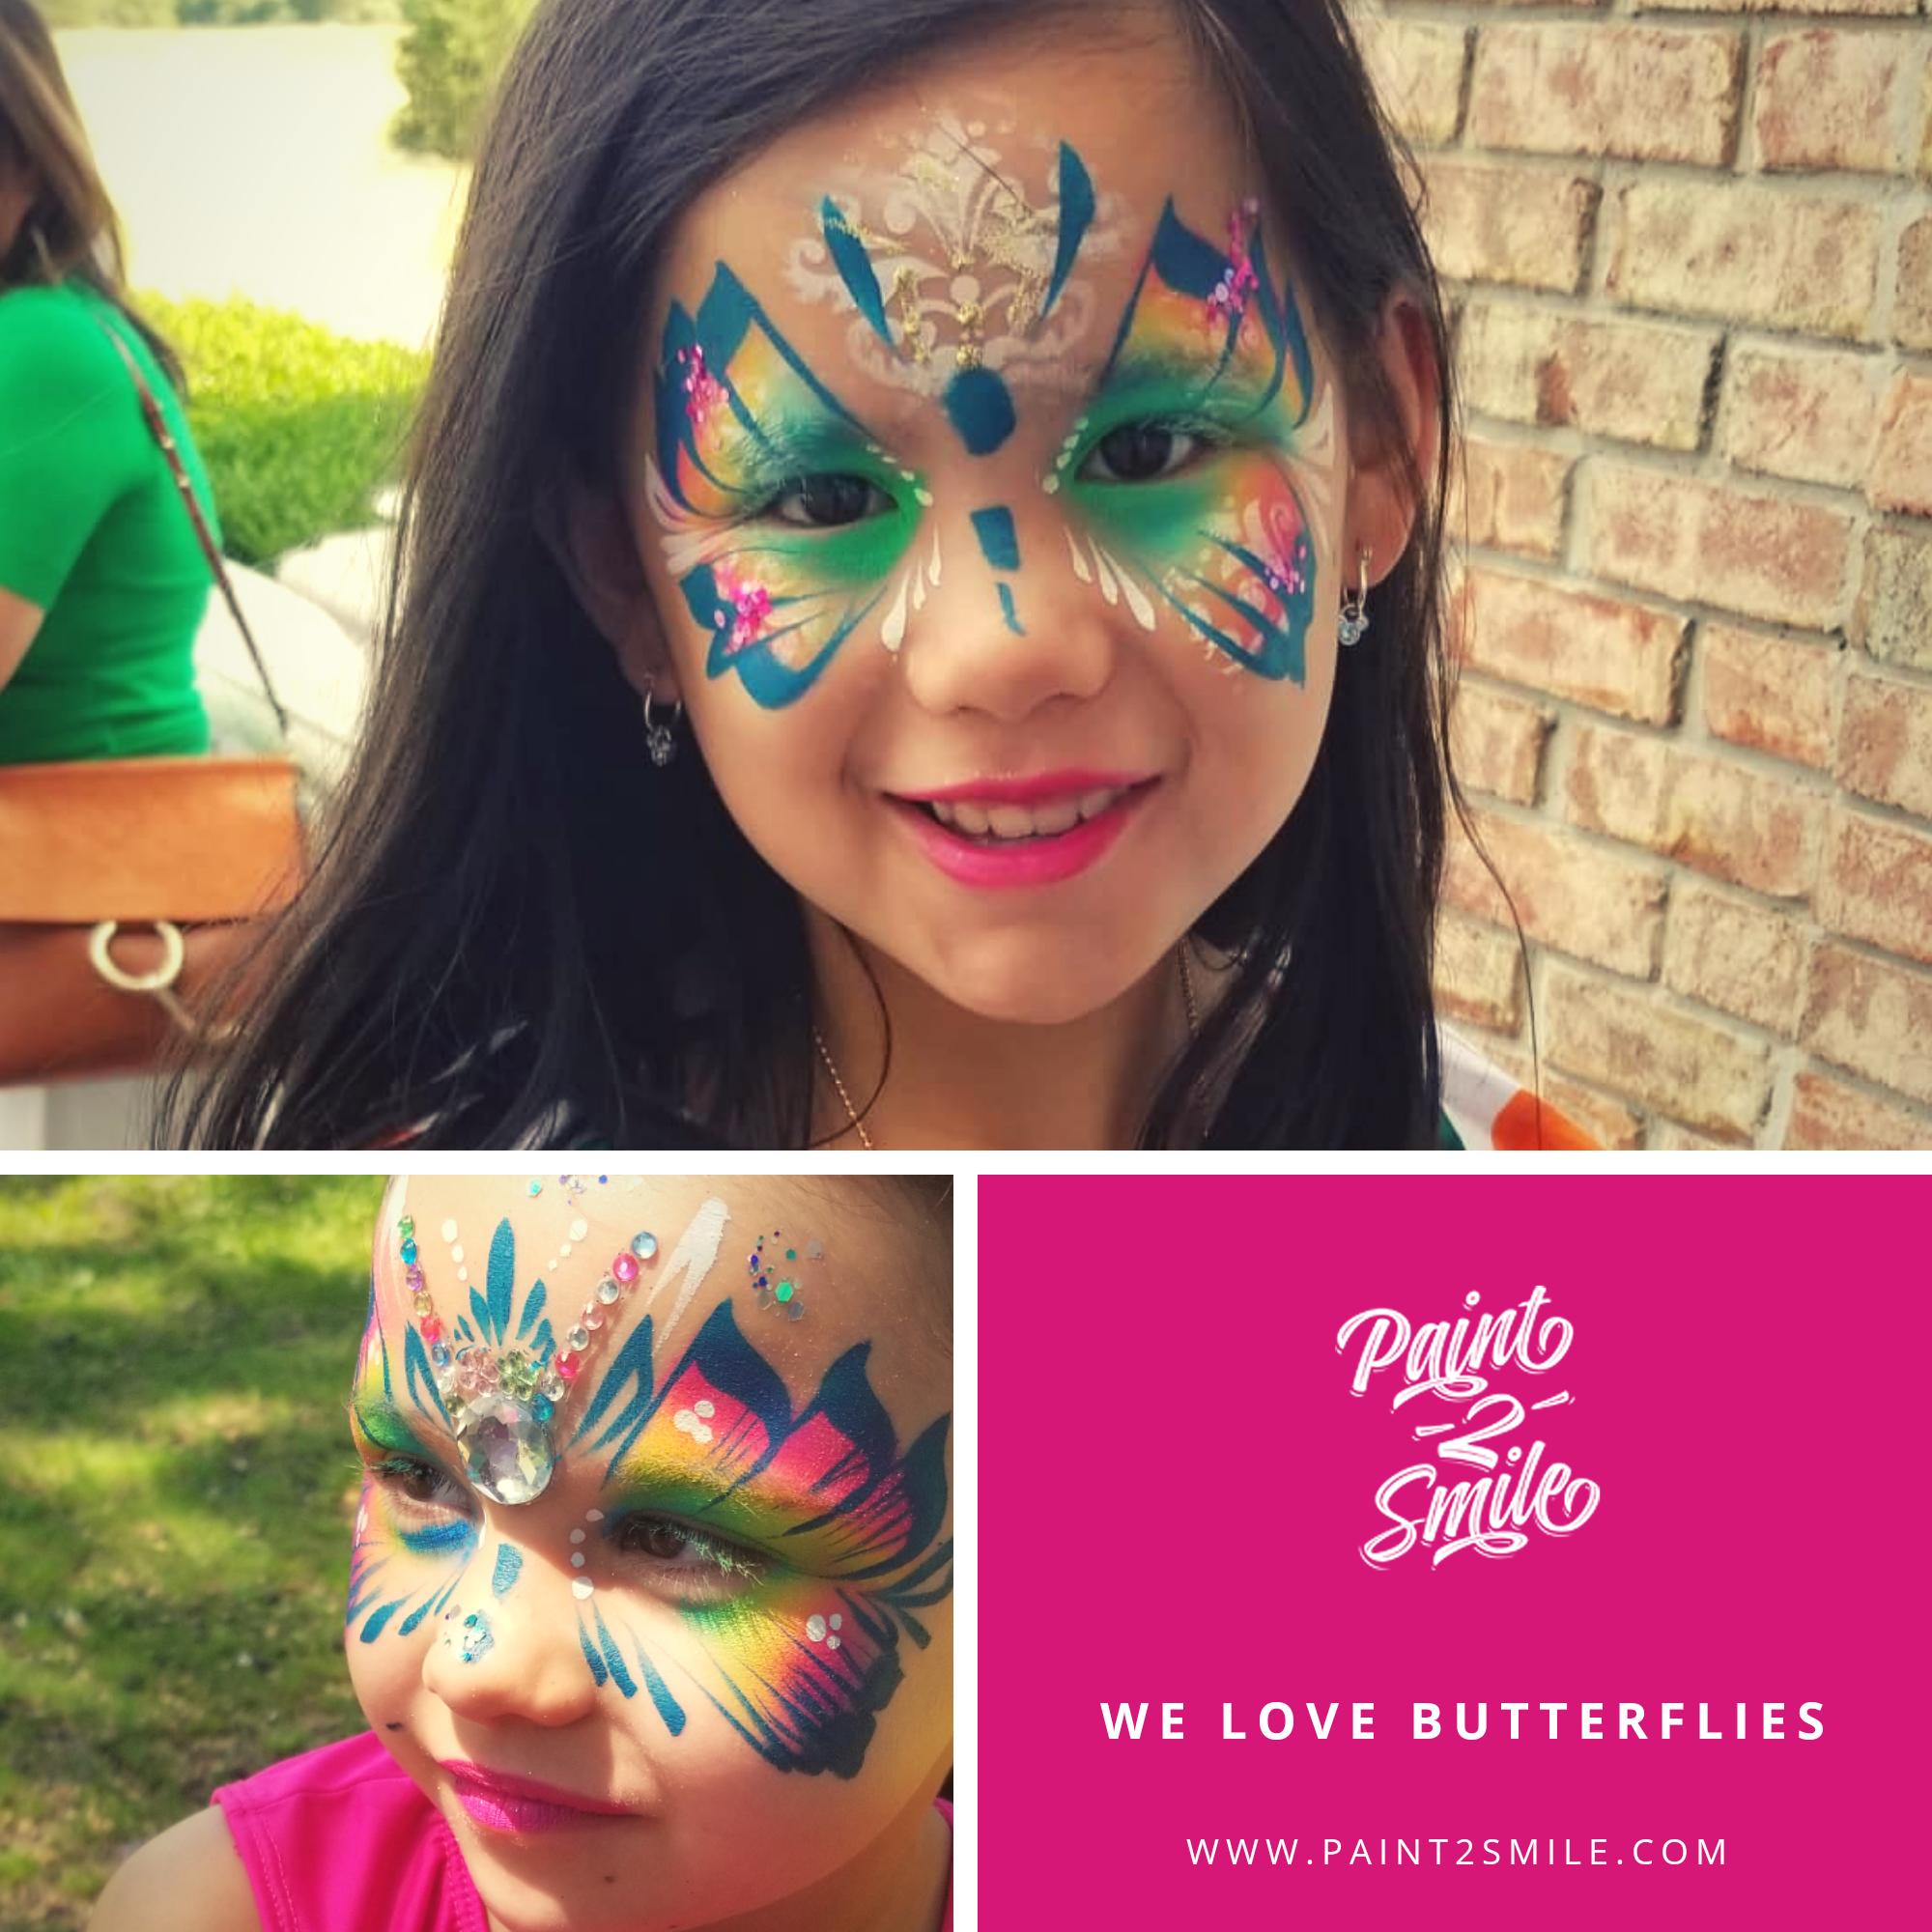 girls face painted as butterflies